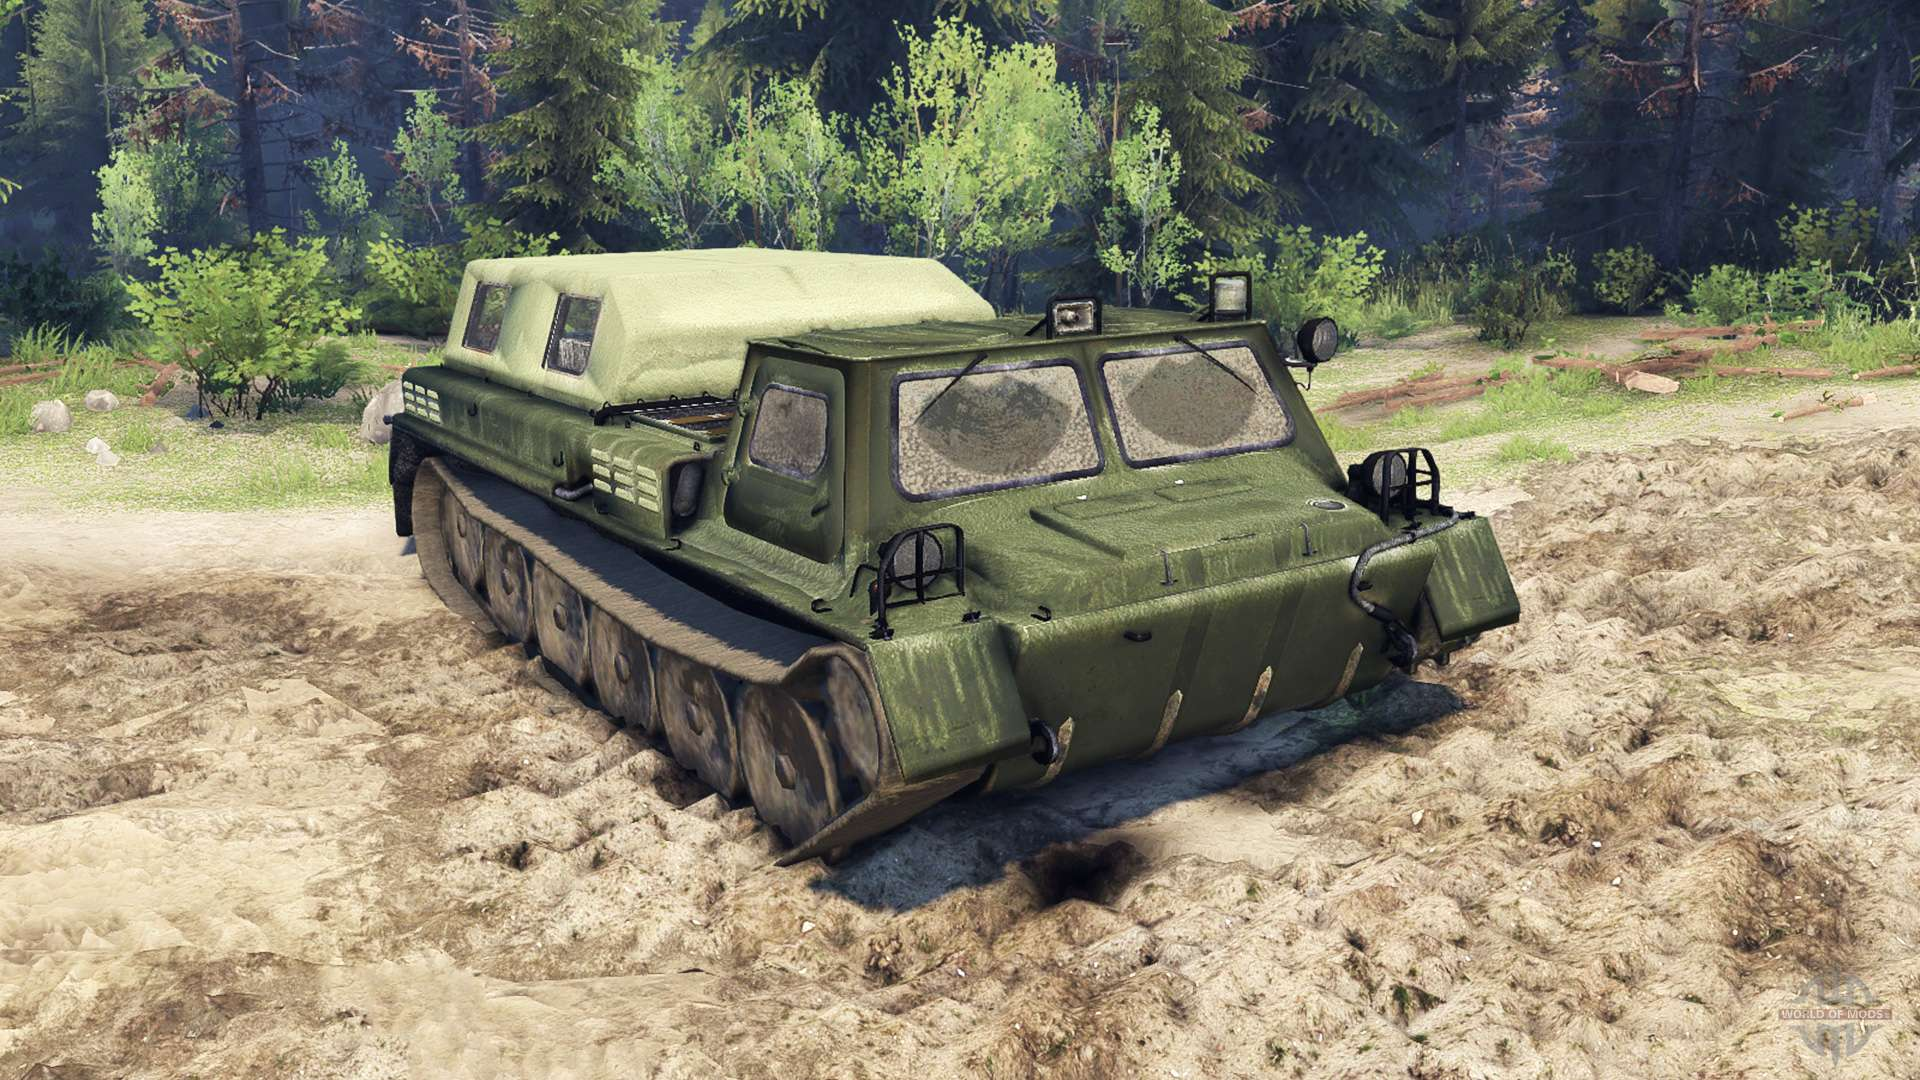 Газ-71 - тягач-вездеход, гусеничный бронированный транспортёр